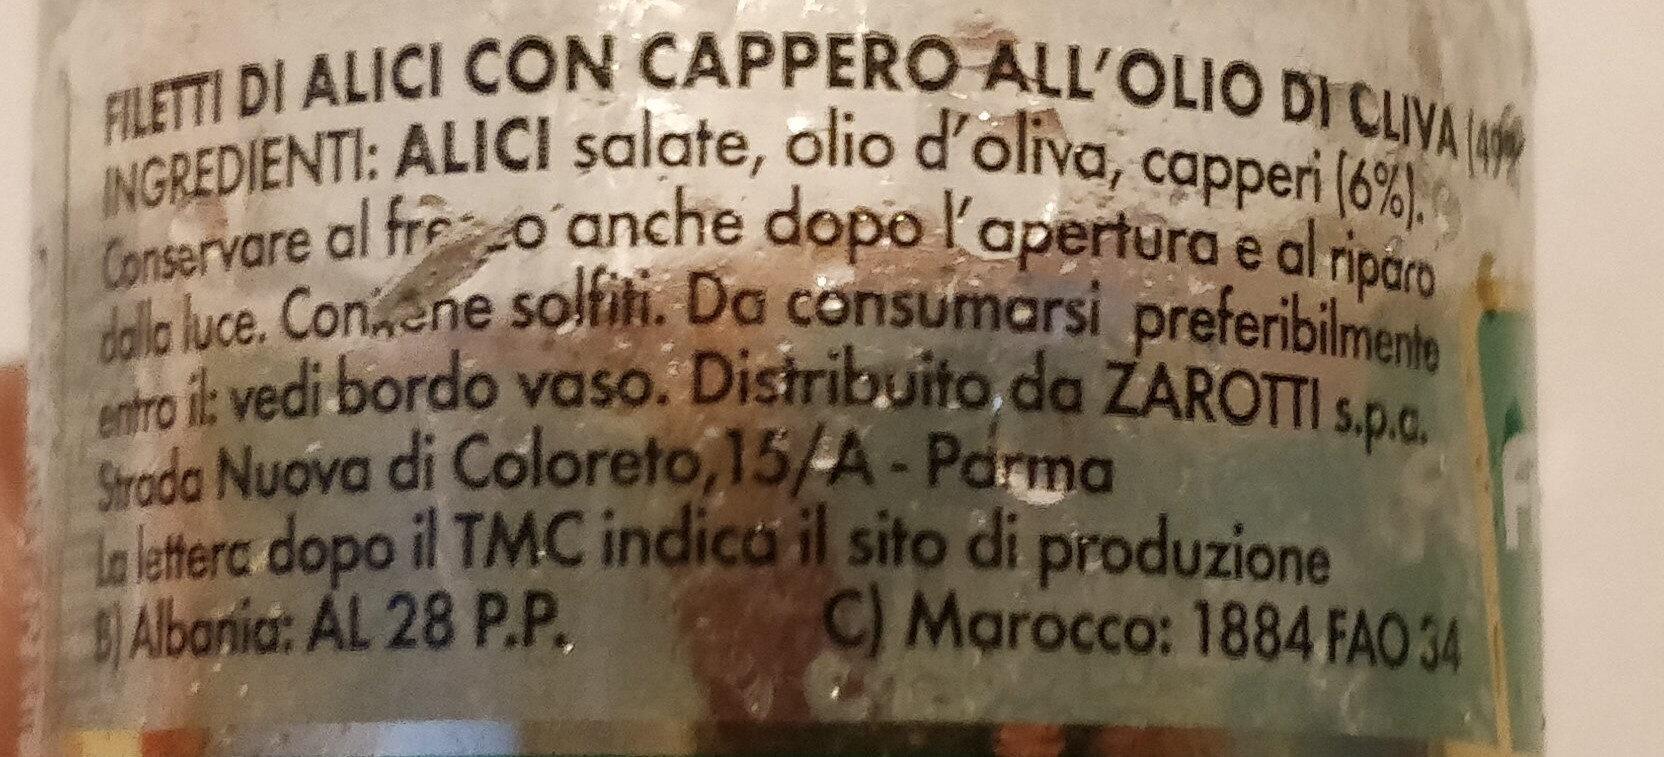 filetti di alici all'olio di oliva - Ingrédients - it